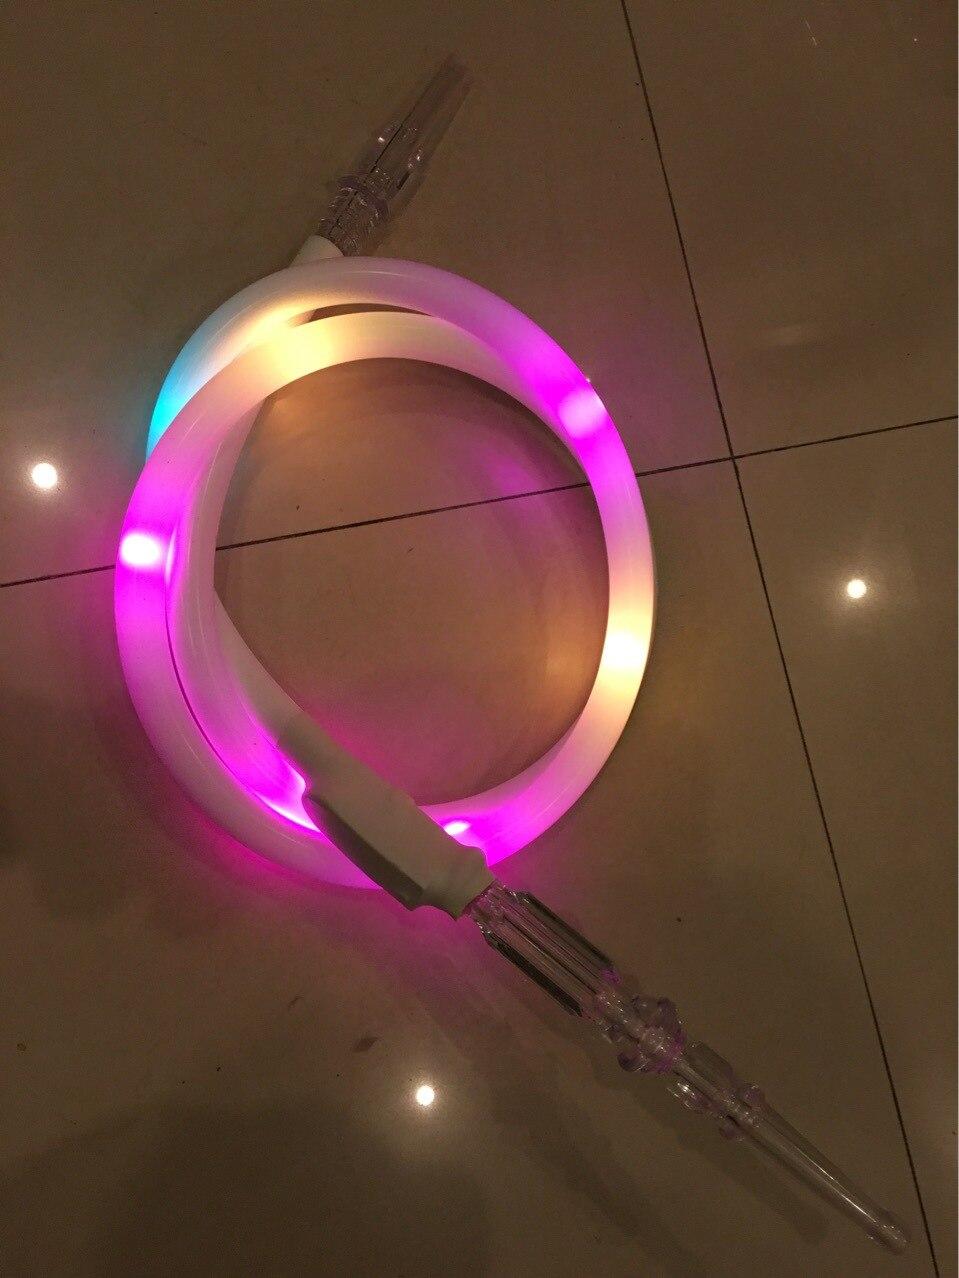 צבעוני LED זוהר מסנוור נרגילה נרגילות Narguile chicha אביזרי צינור עישון צינור עשן סיגריות טבק הרב